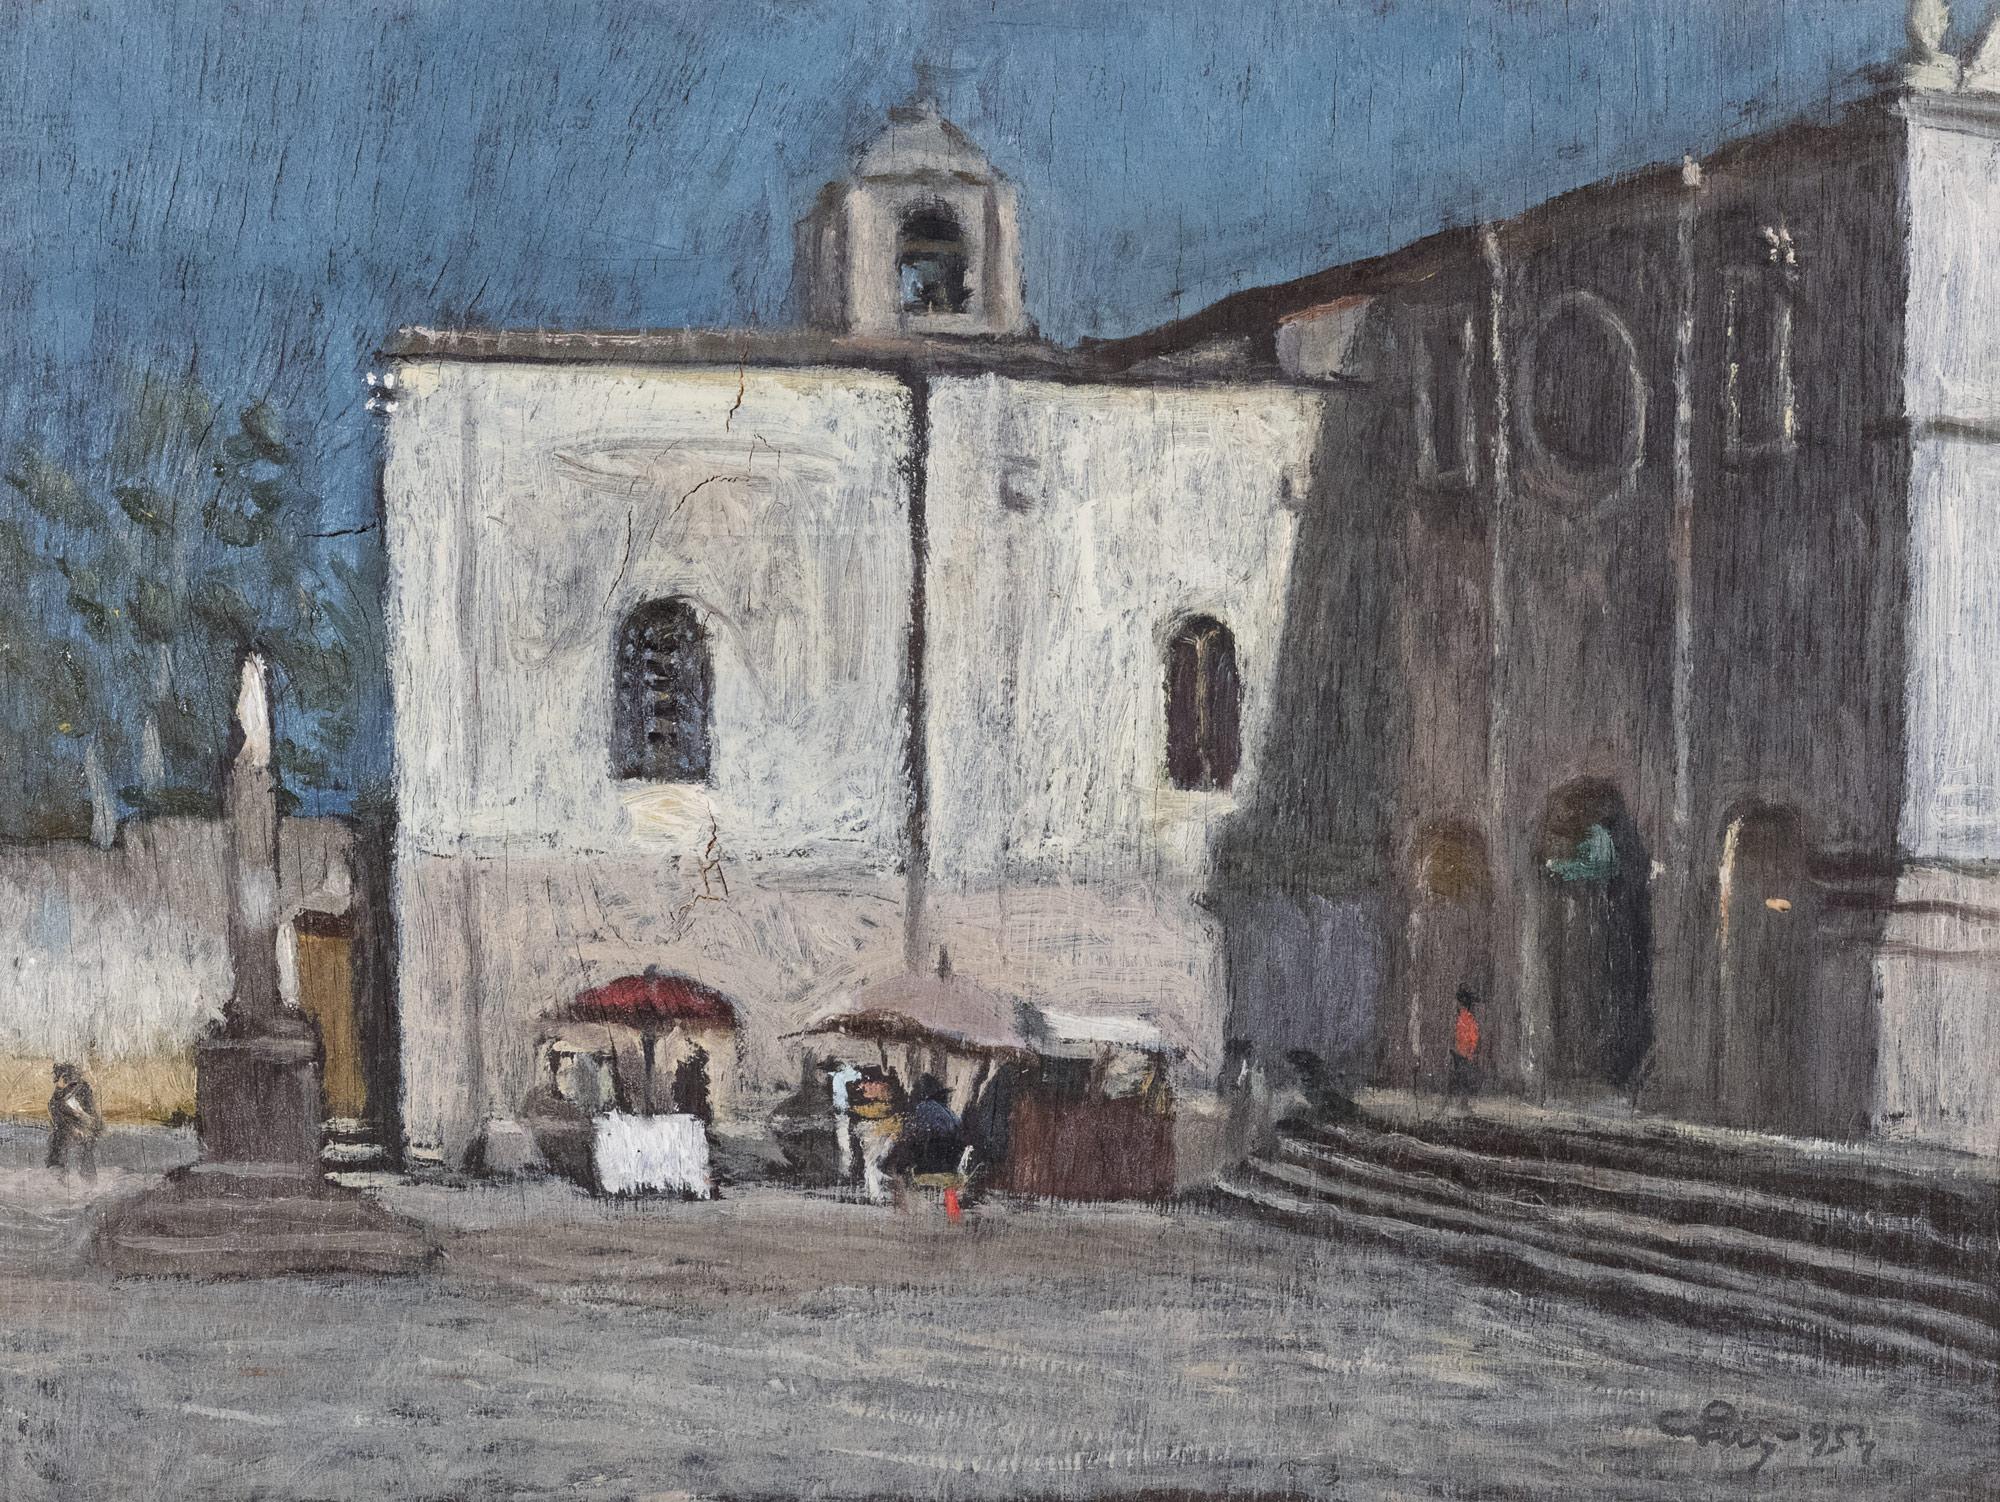 Chiesa di S. Pietro a Sassari, 1954